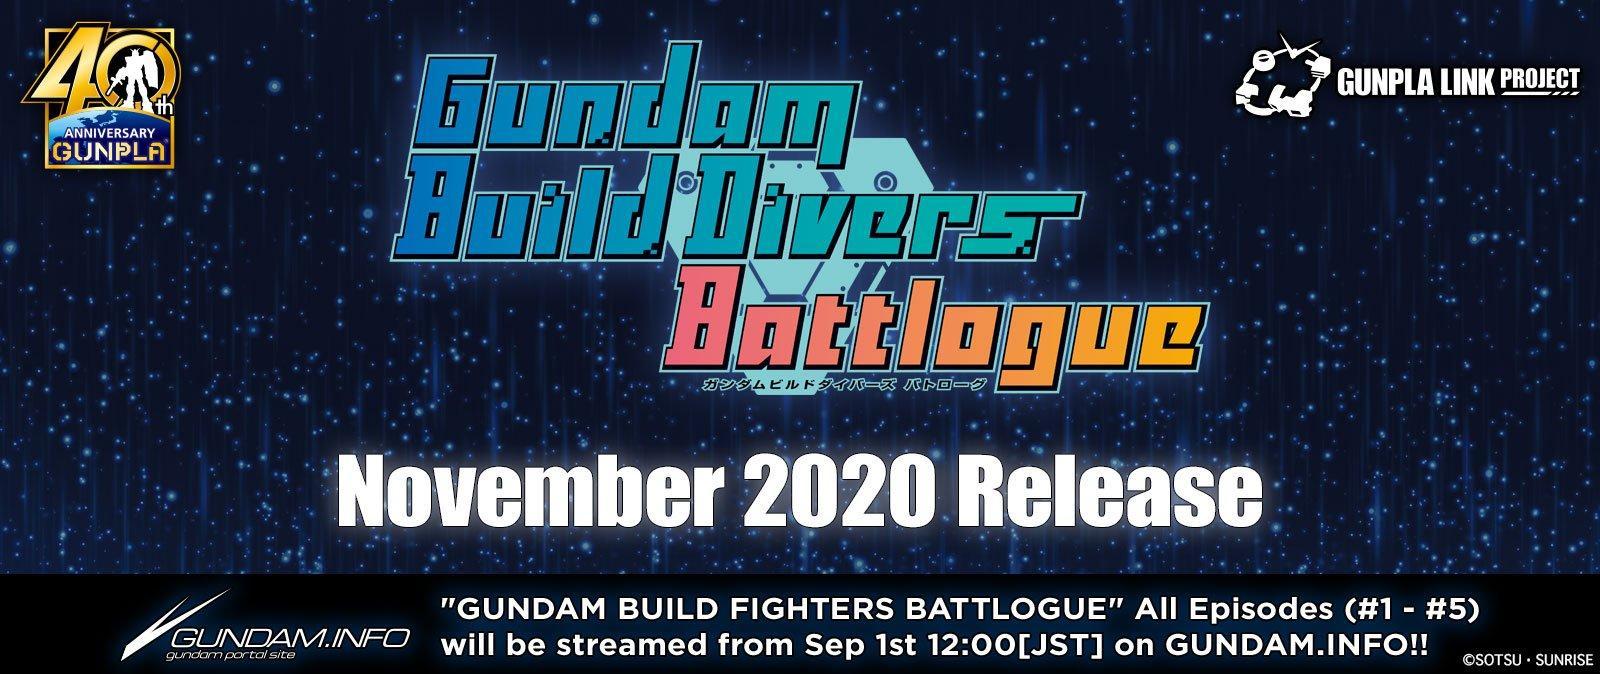 Gundam-build-divers-battlogue-pinterest